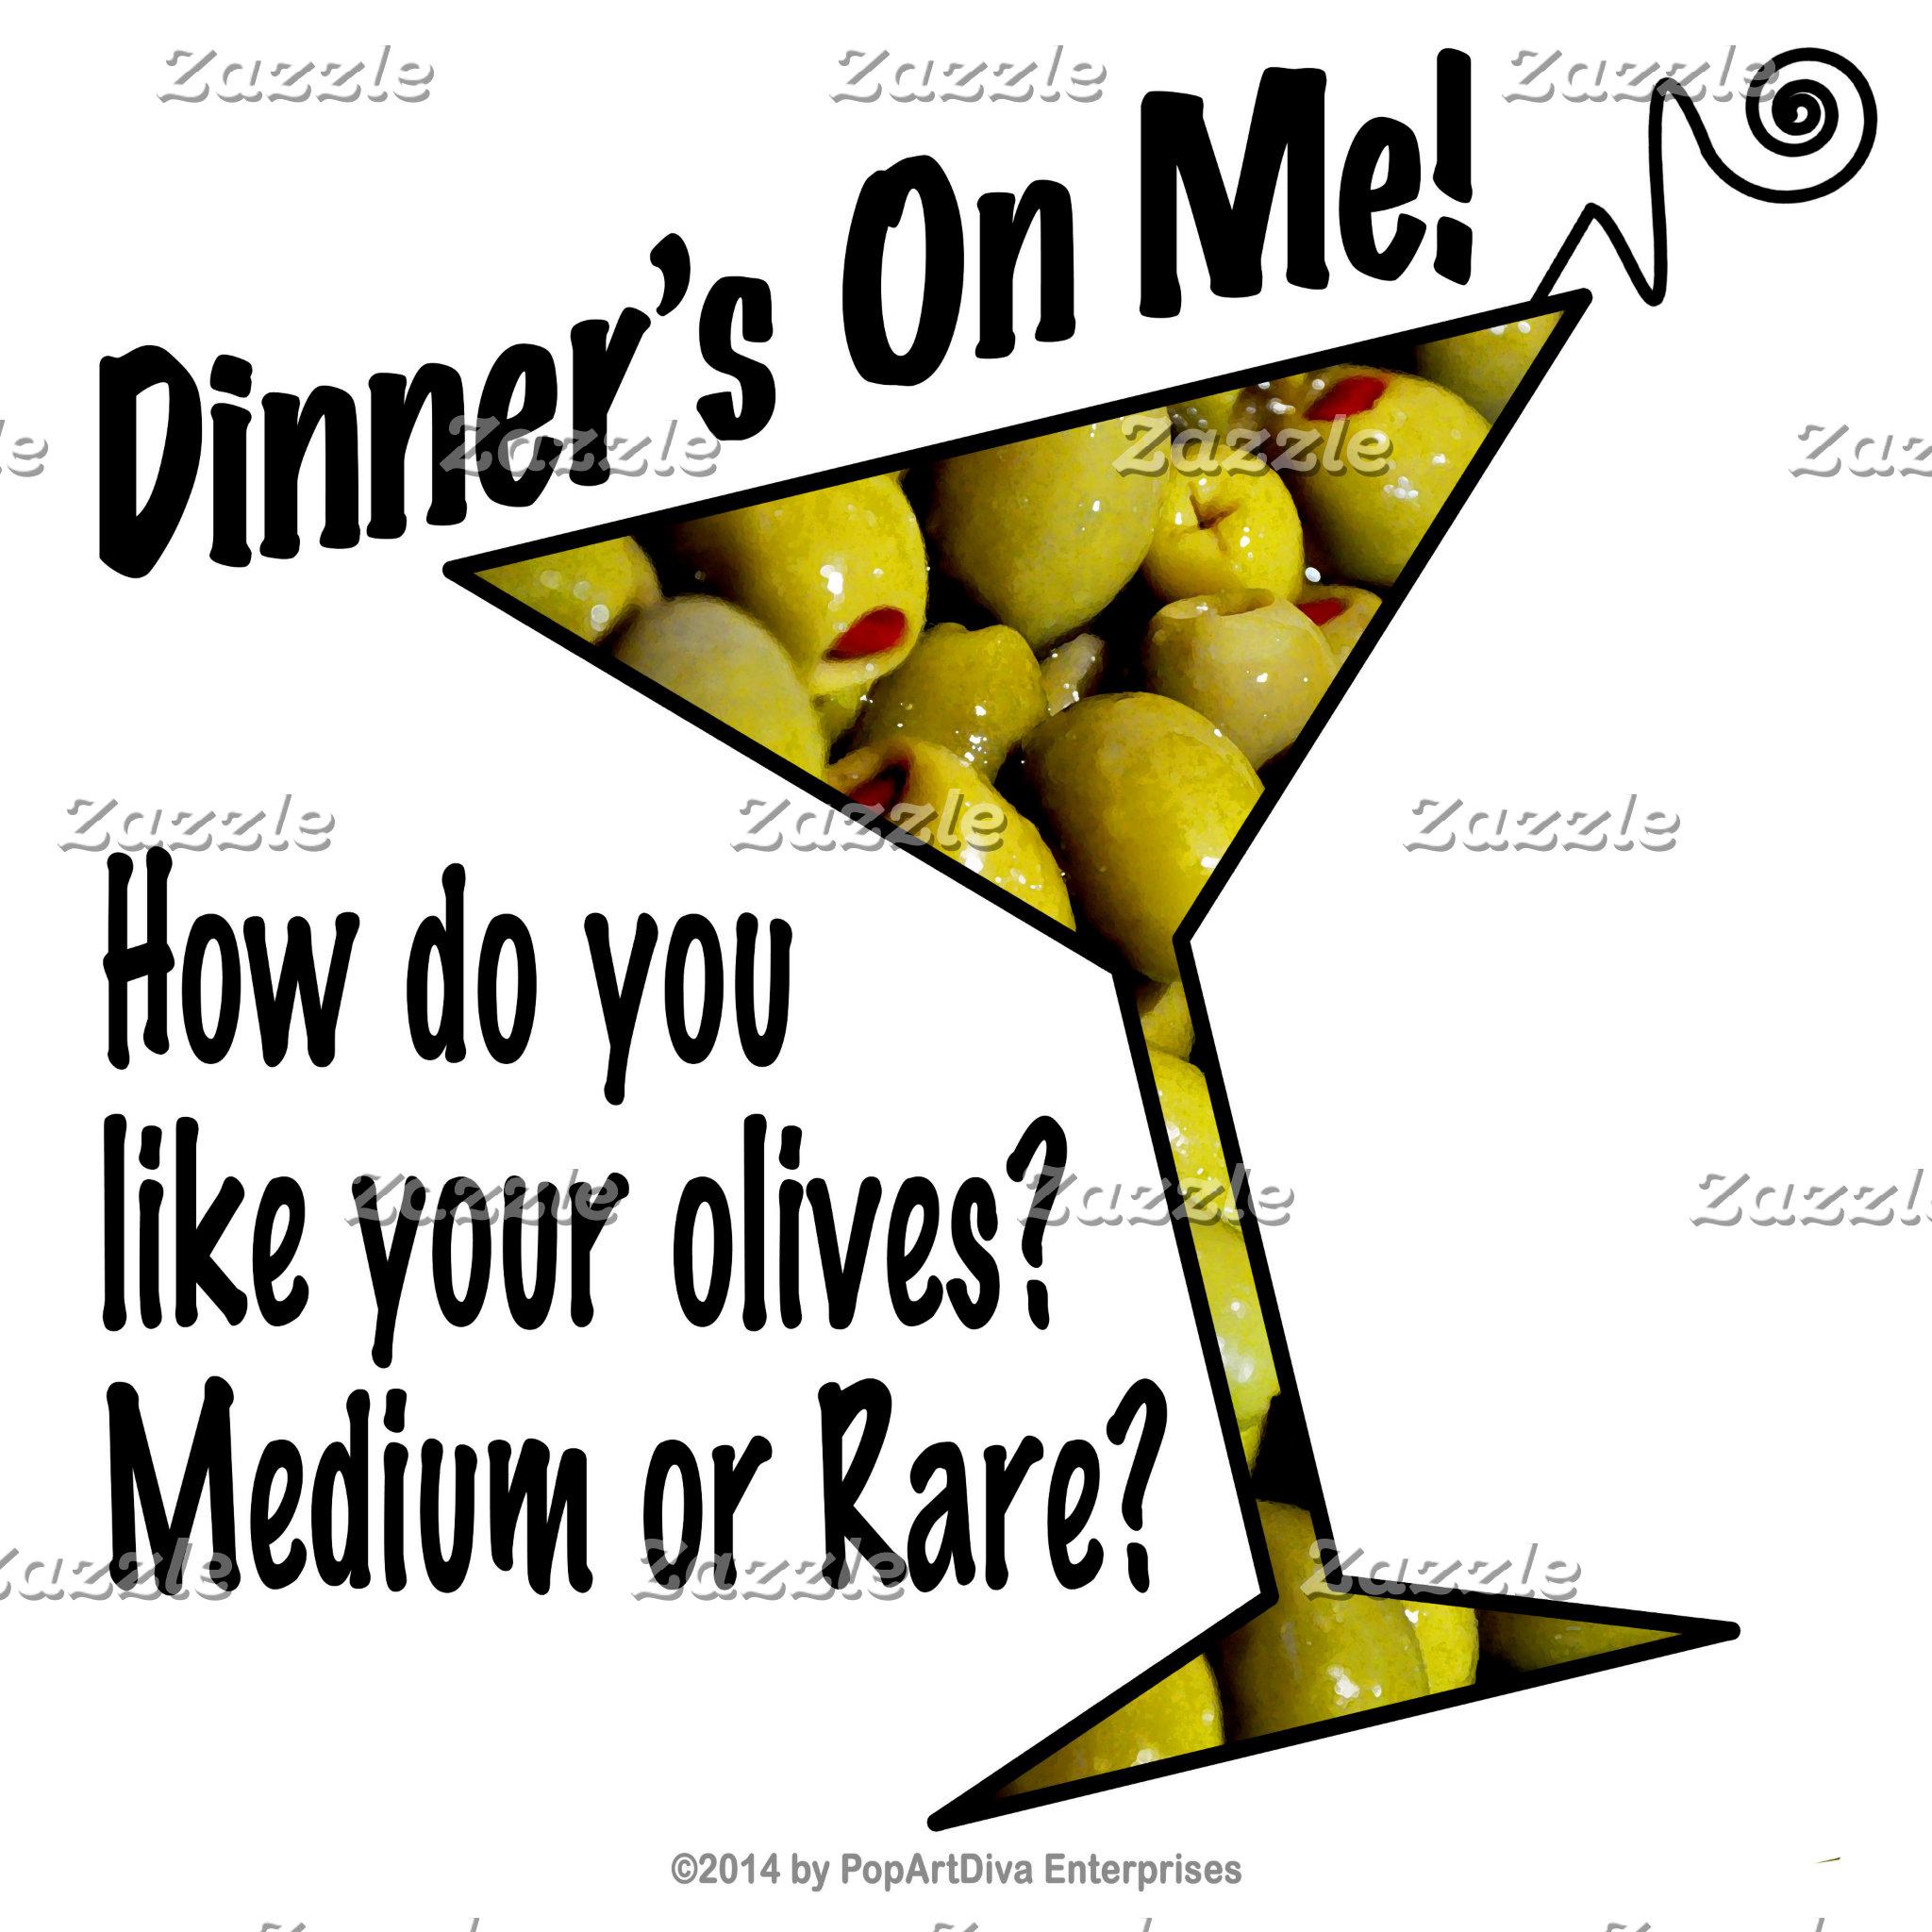 aq DINNER! Olives Medium or Rare?